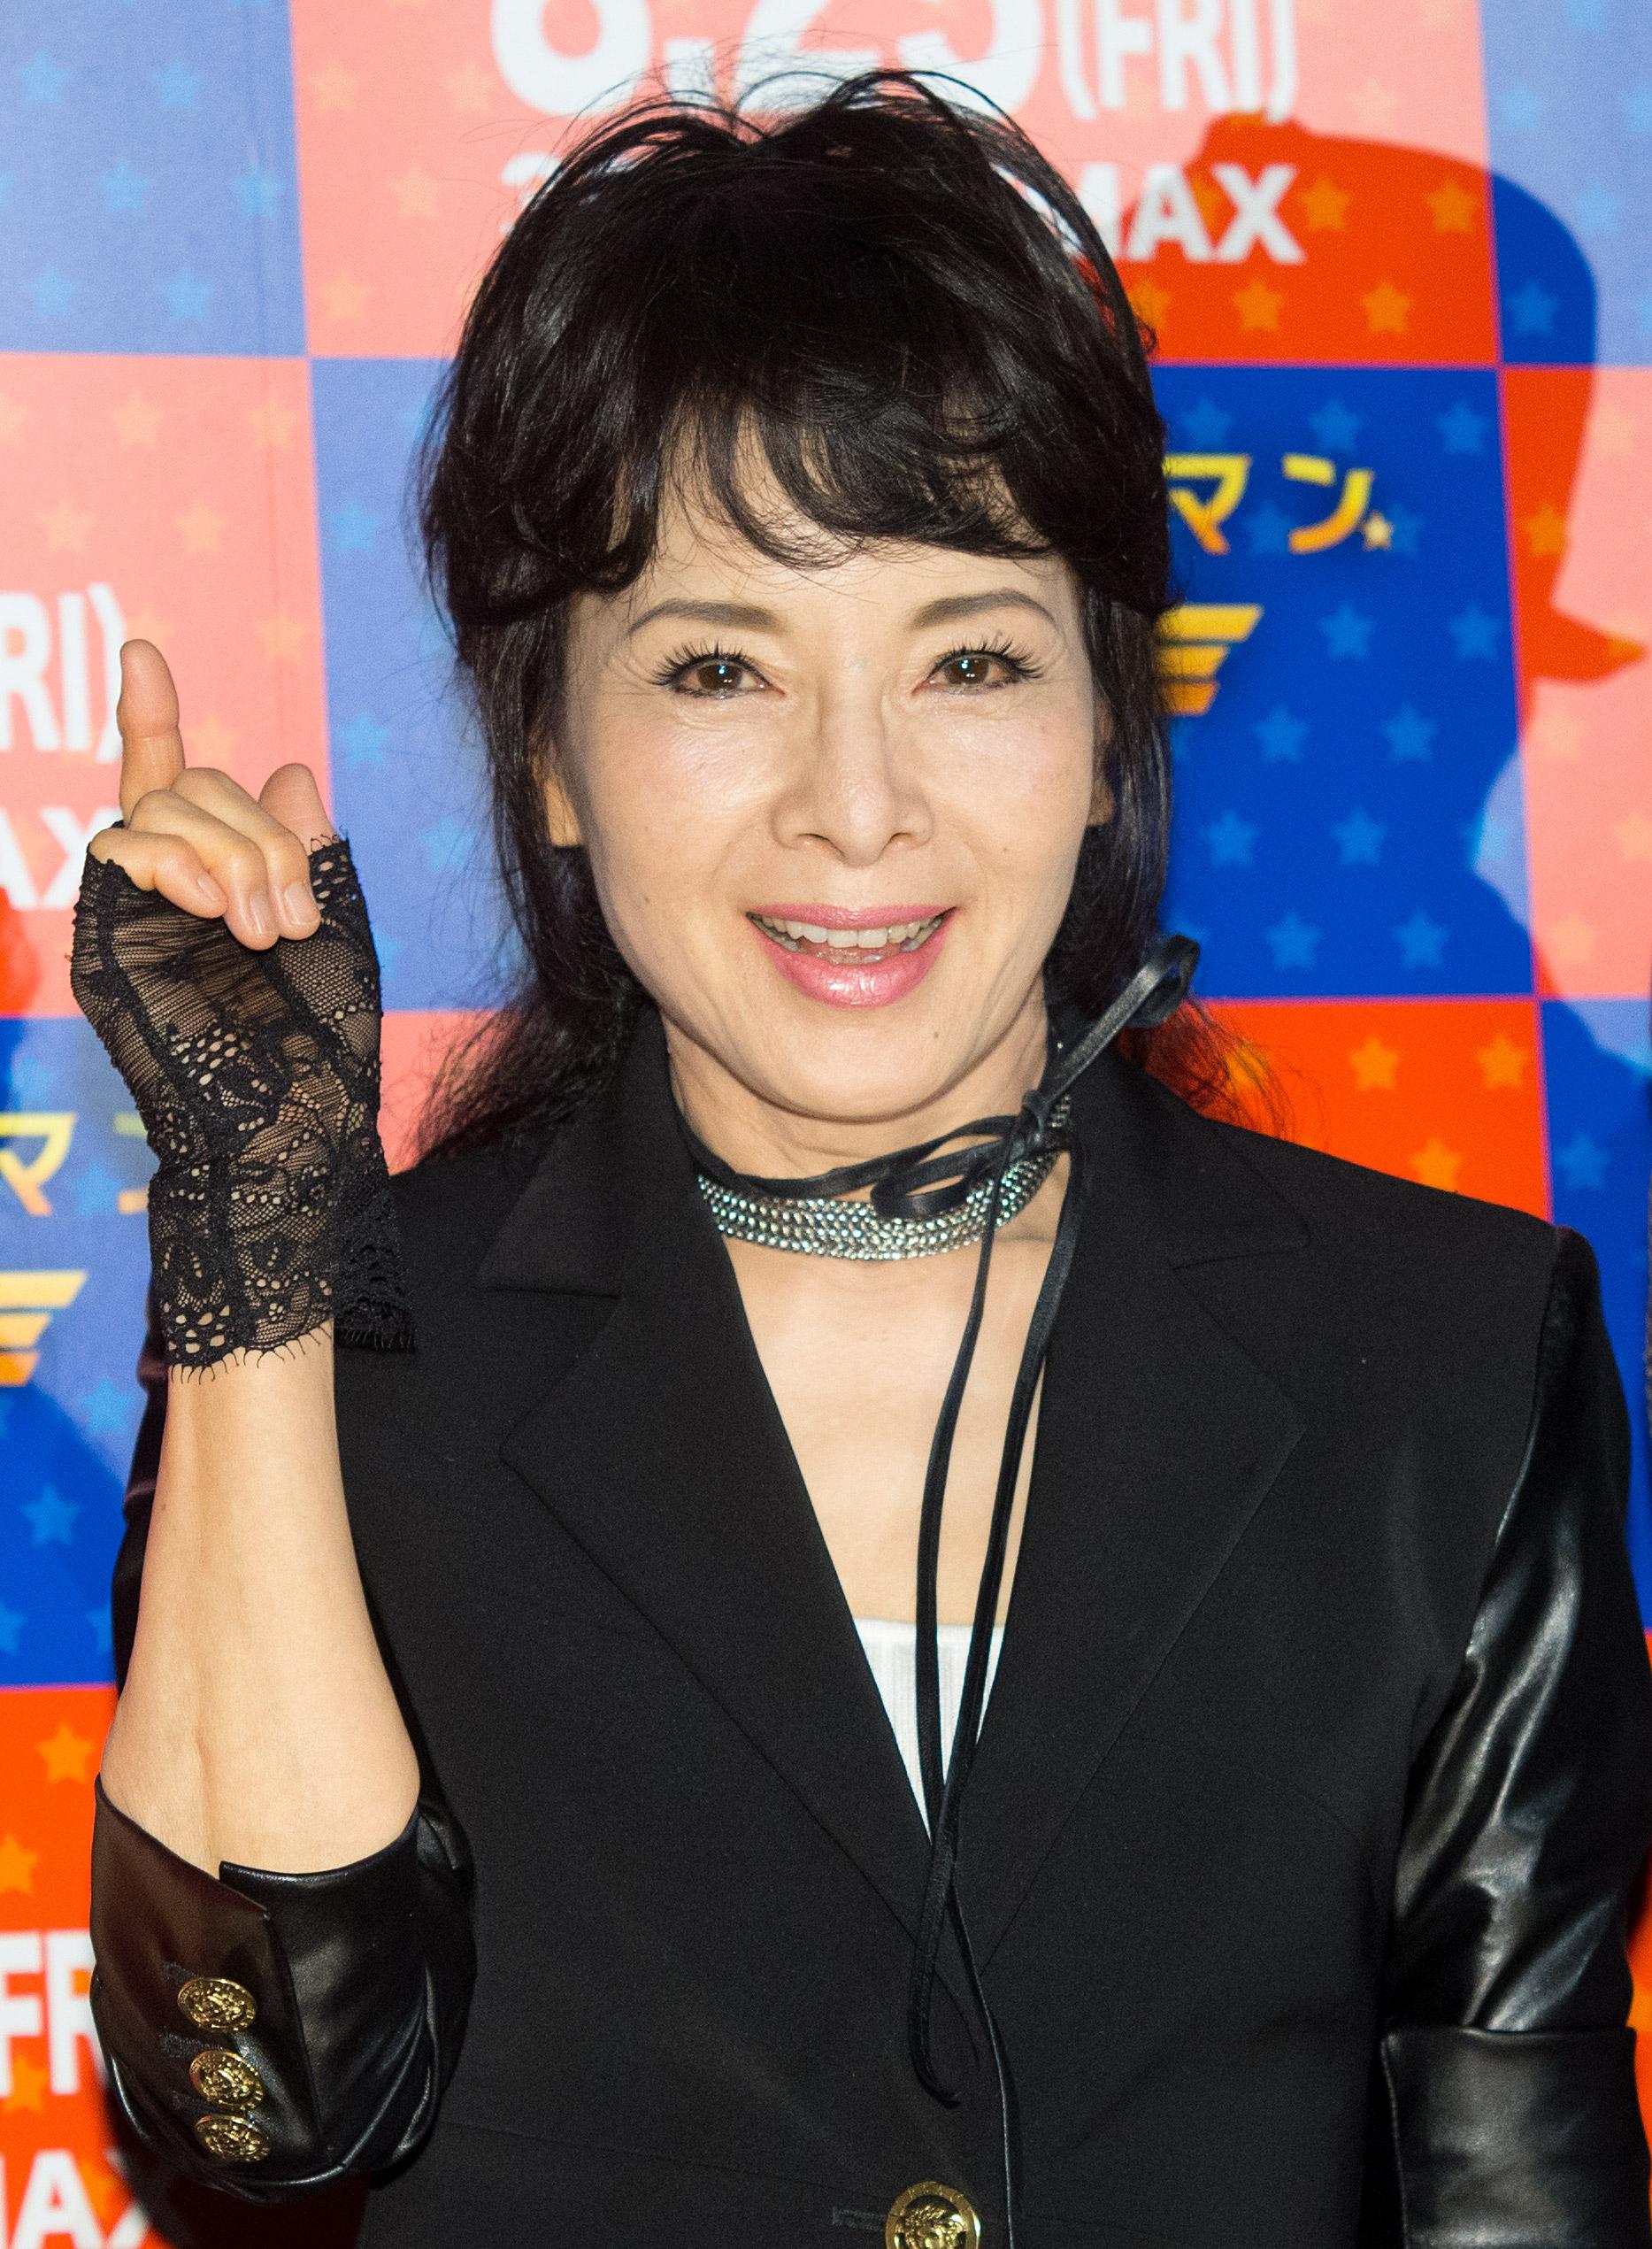 『ワンダーウーマン』イベントに日本のワンダーウーマン由美かおるが登場。入浴秘話も